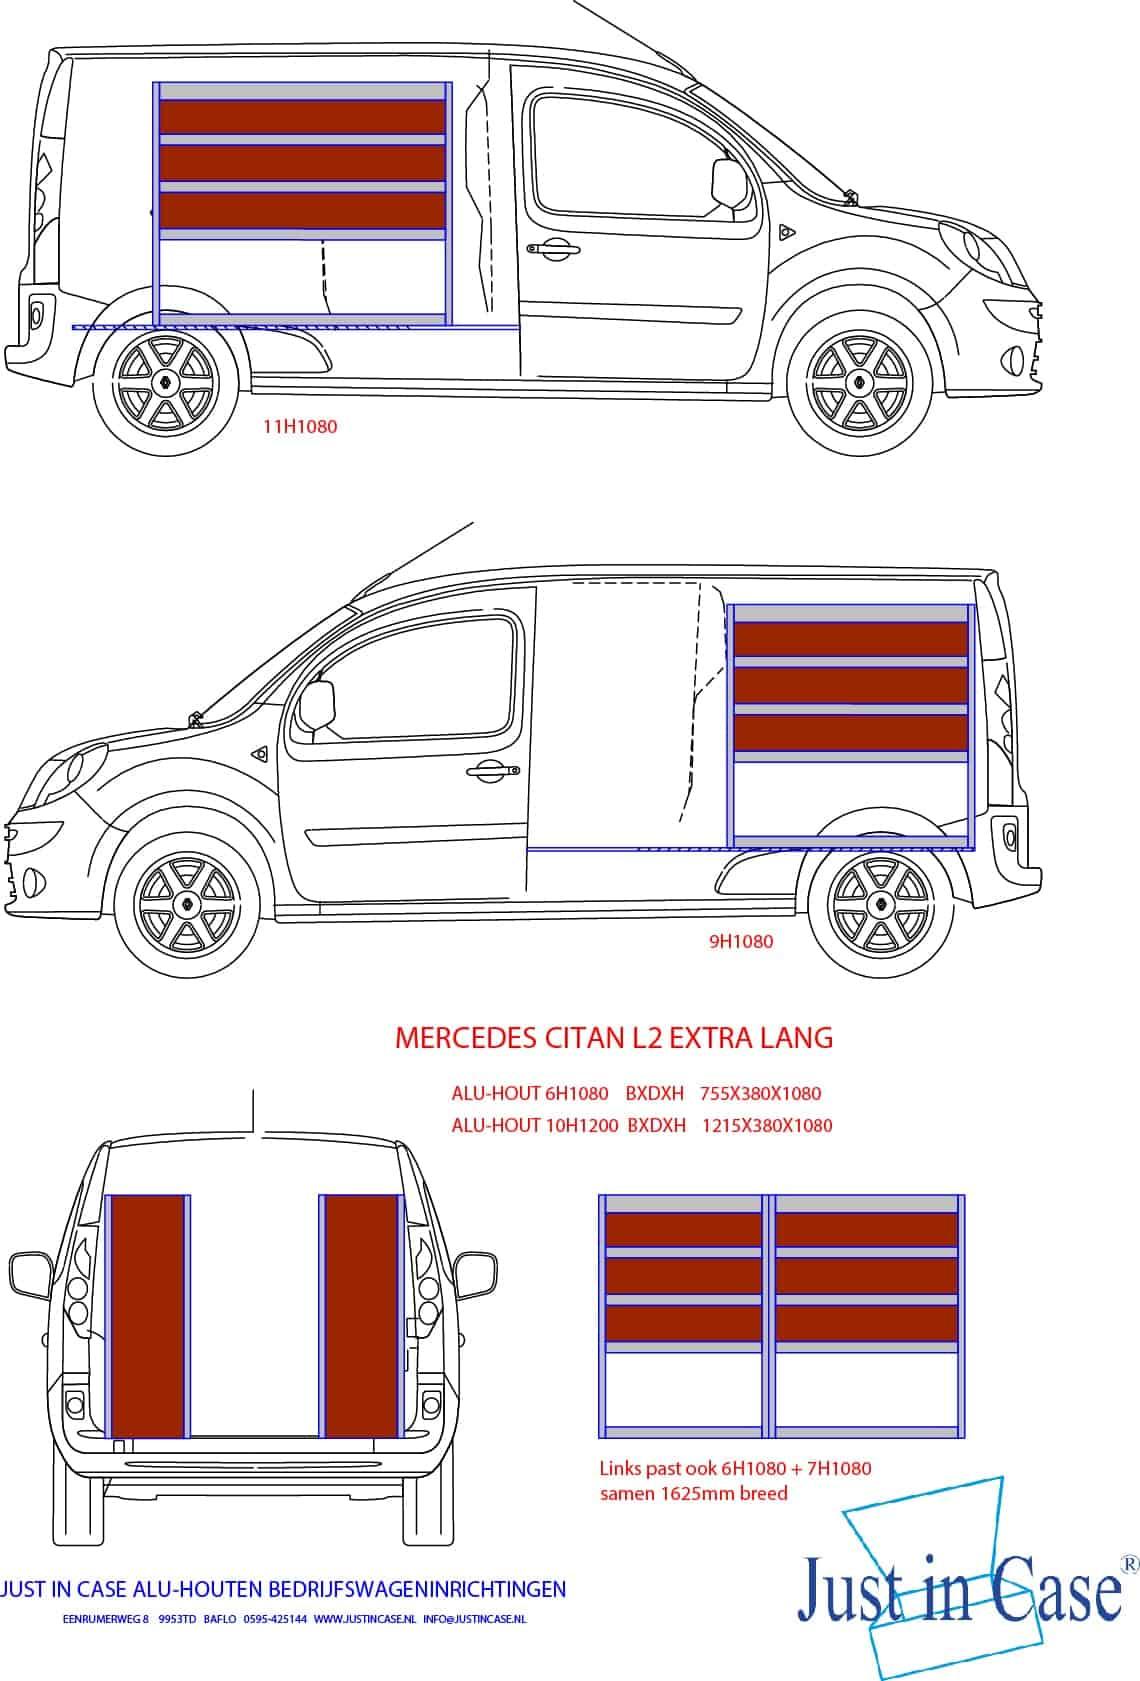 Mercedes Citan (L2) tekening bedrijfswageninrichten